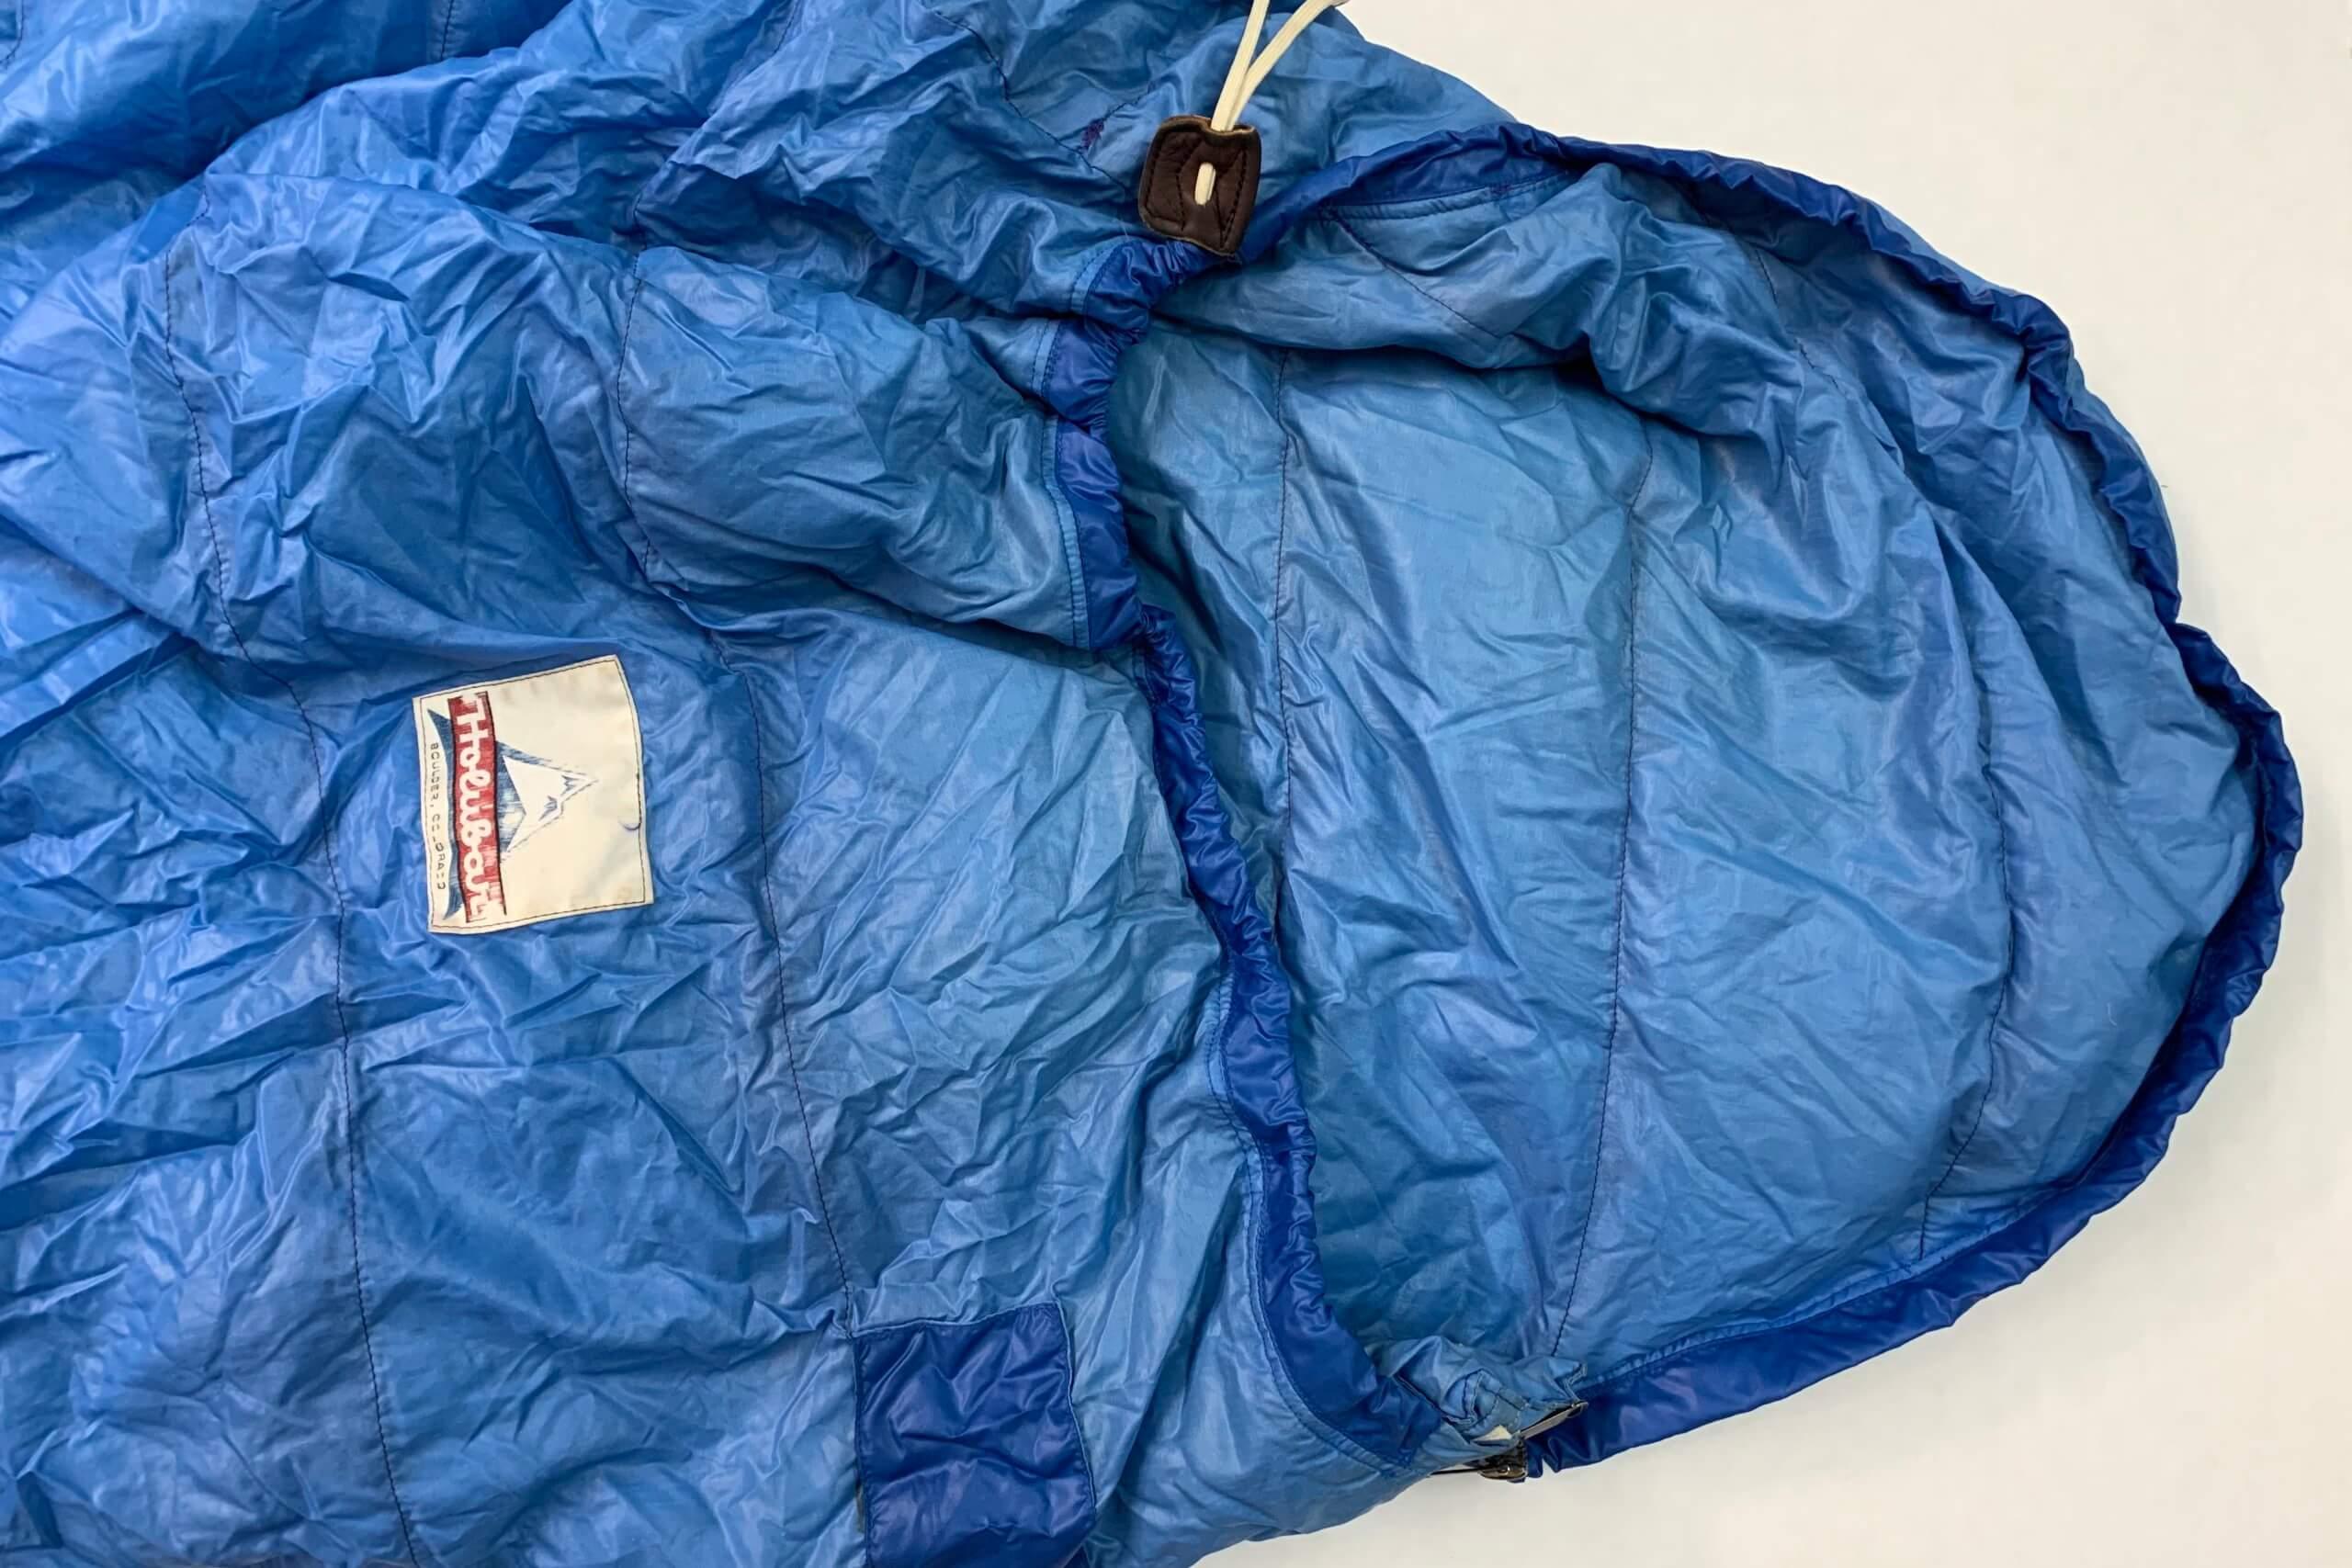 Holubar sleeping bag repair